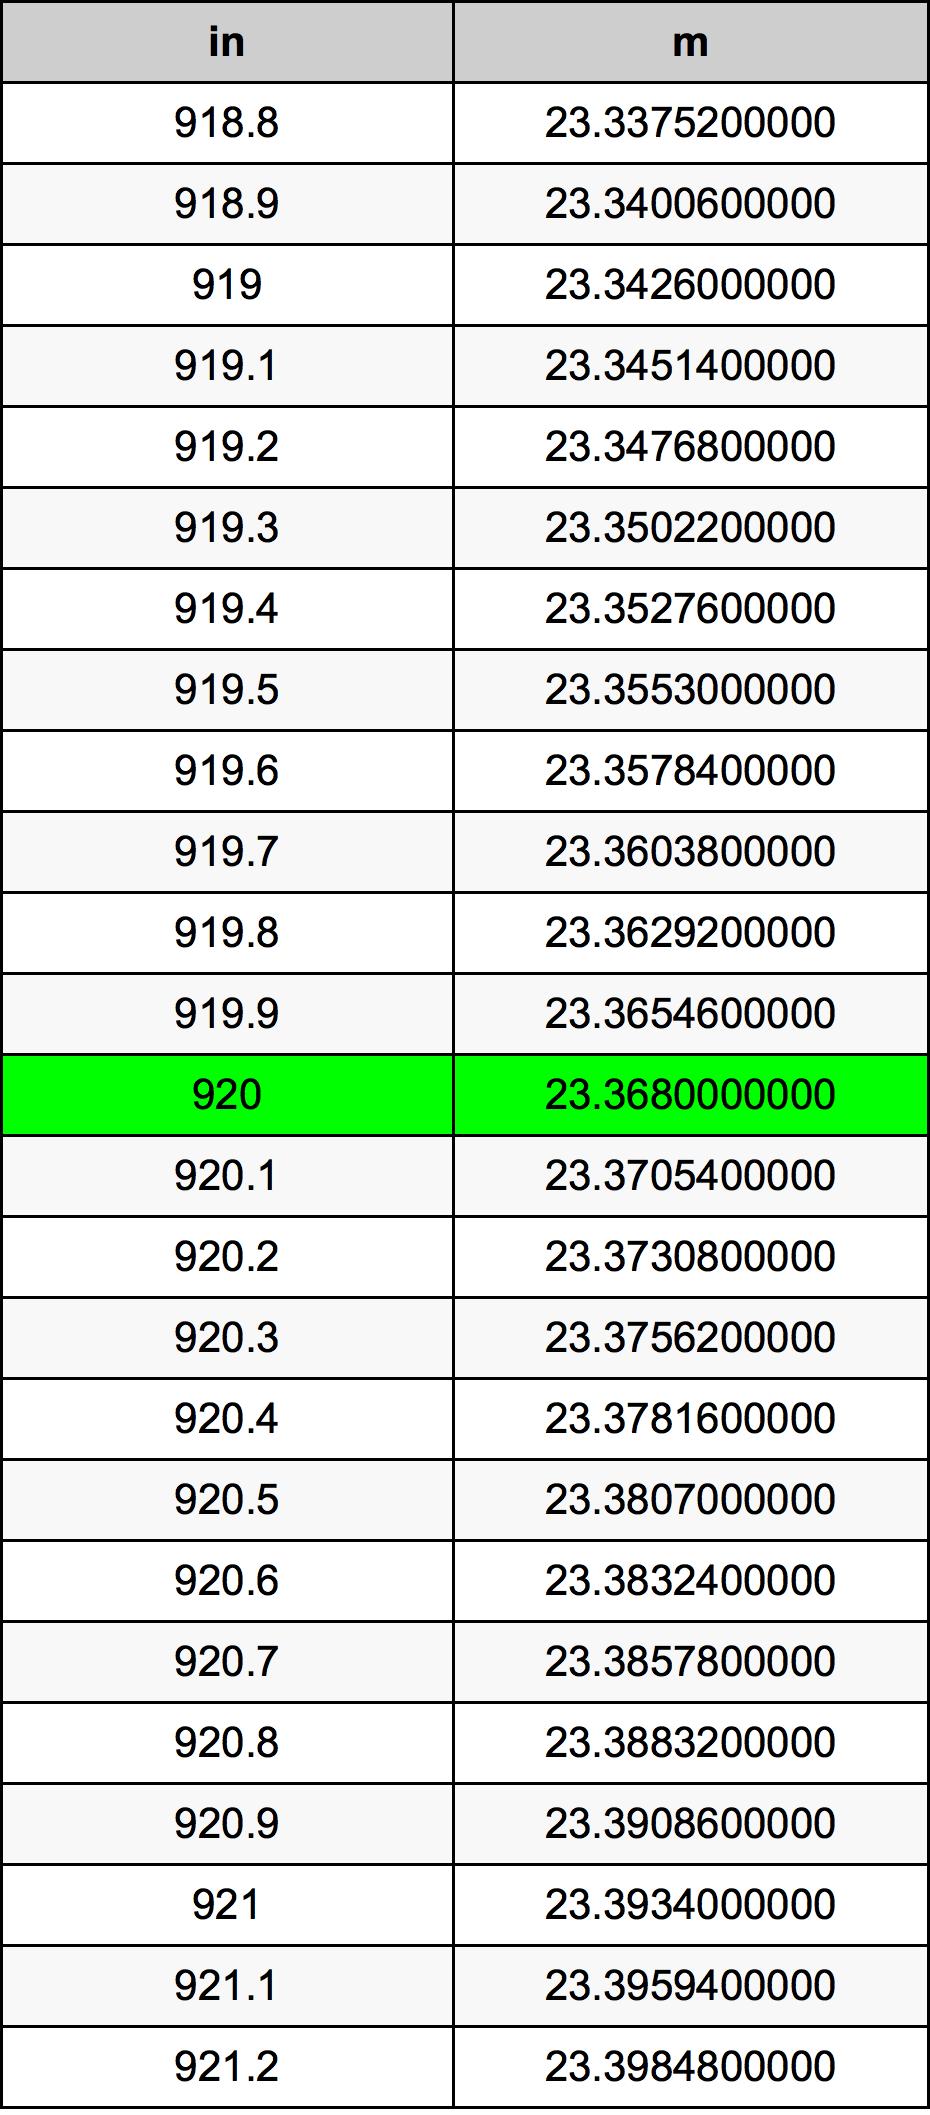 920 Țol tabelul de conversie